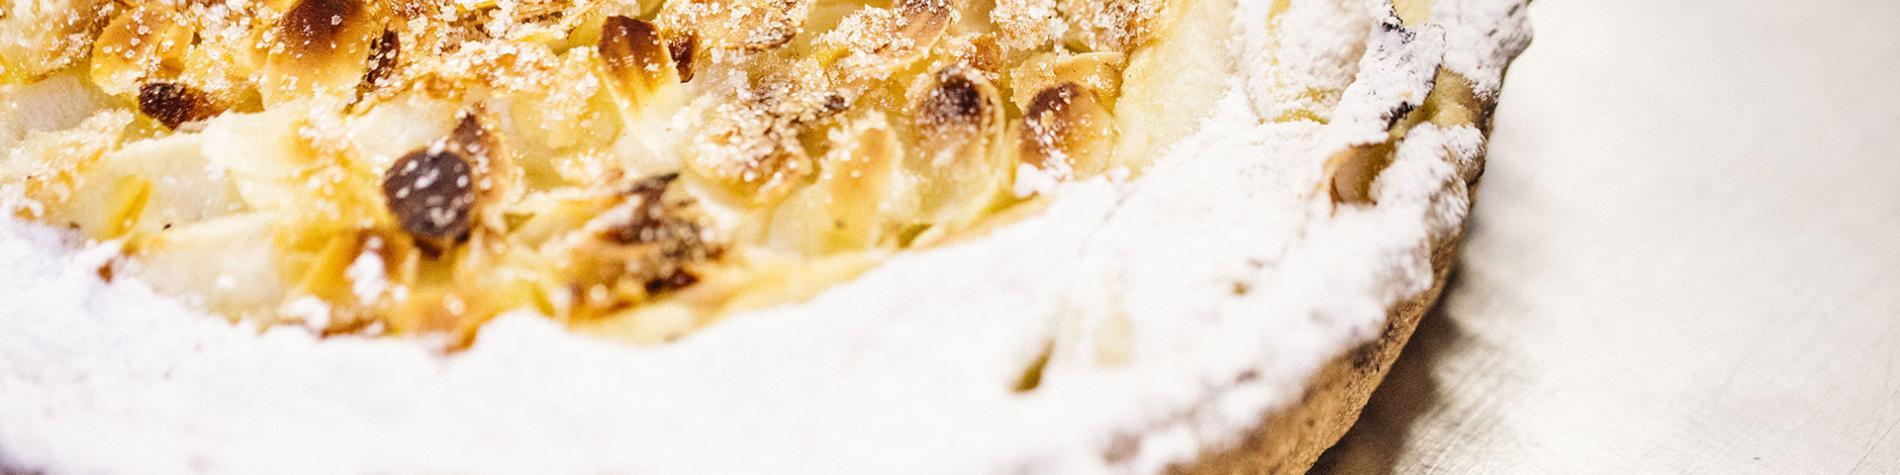 Demaret - Boulangerie - Pâtisserie – confrérie